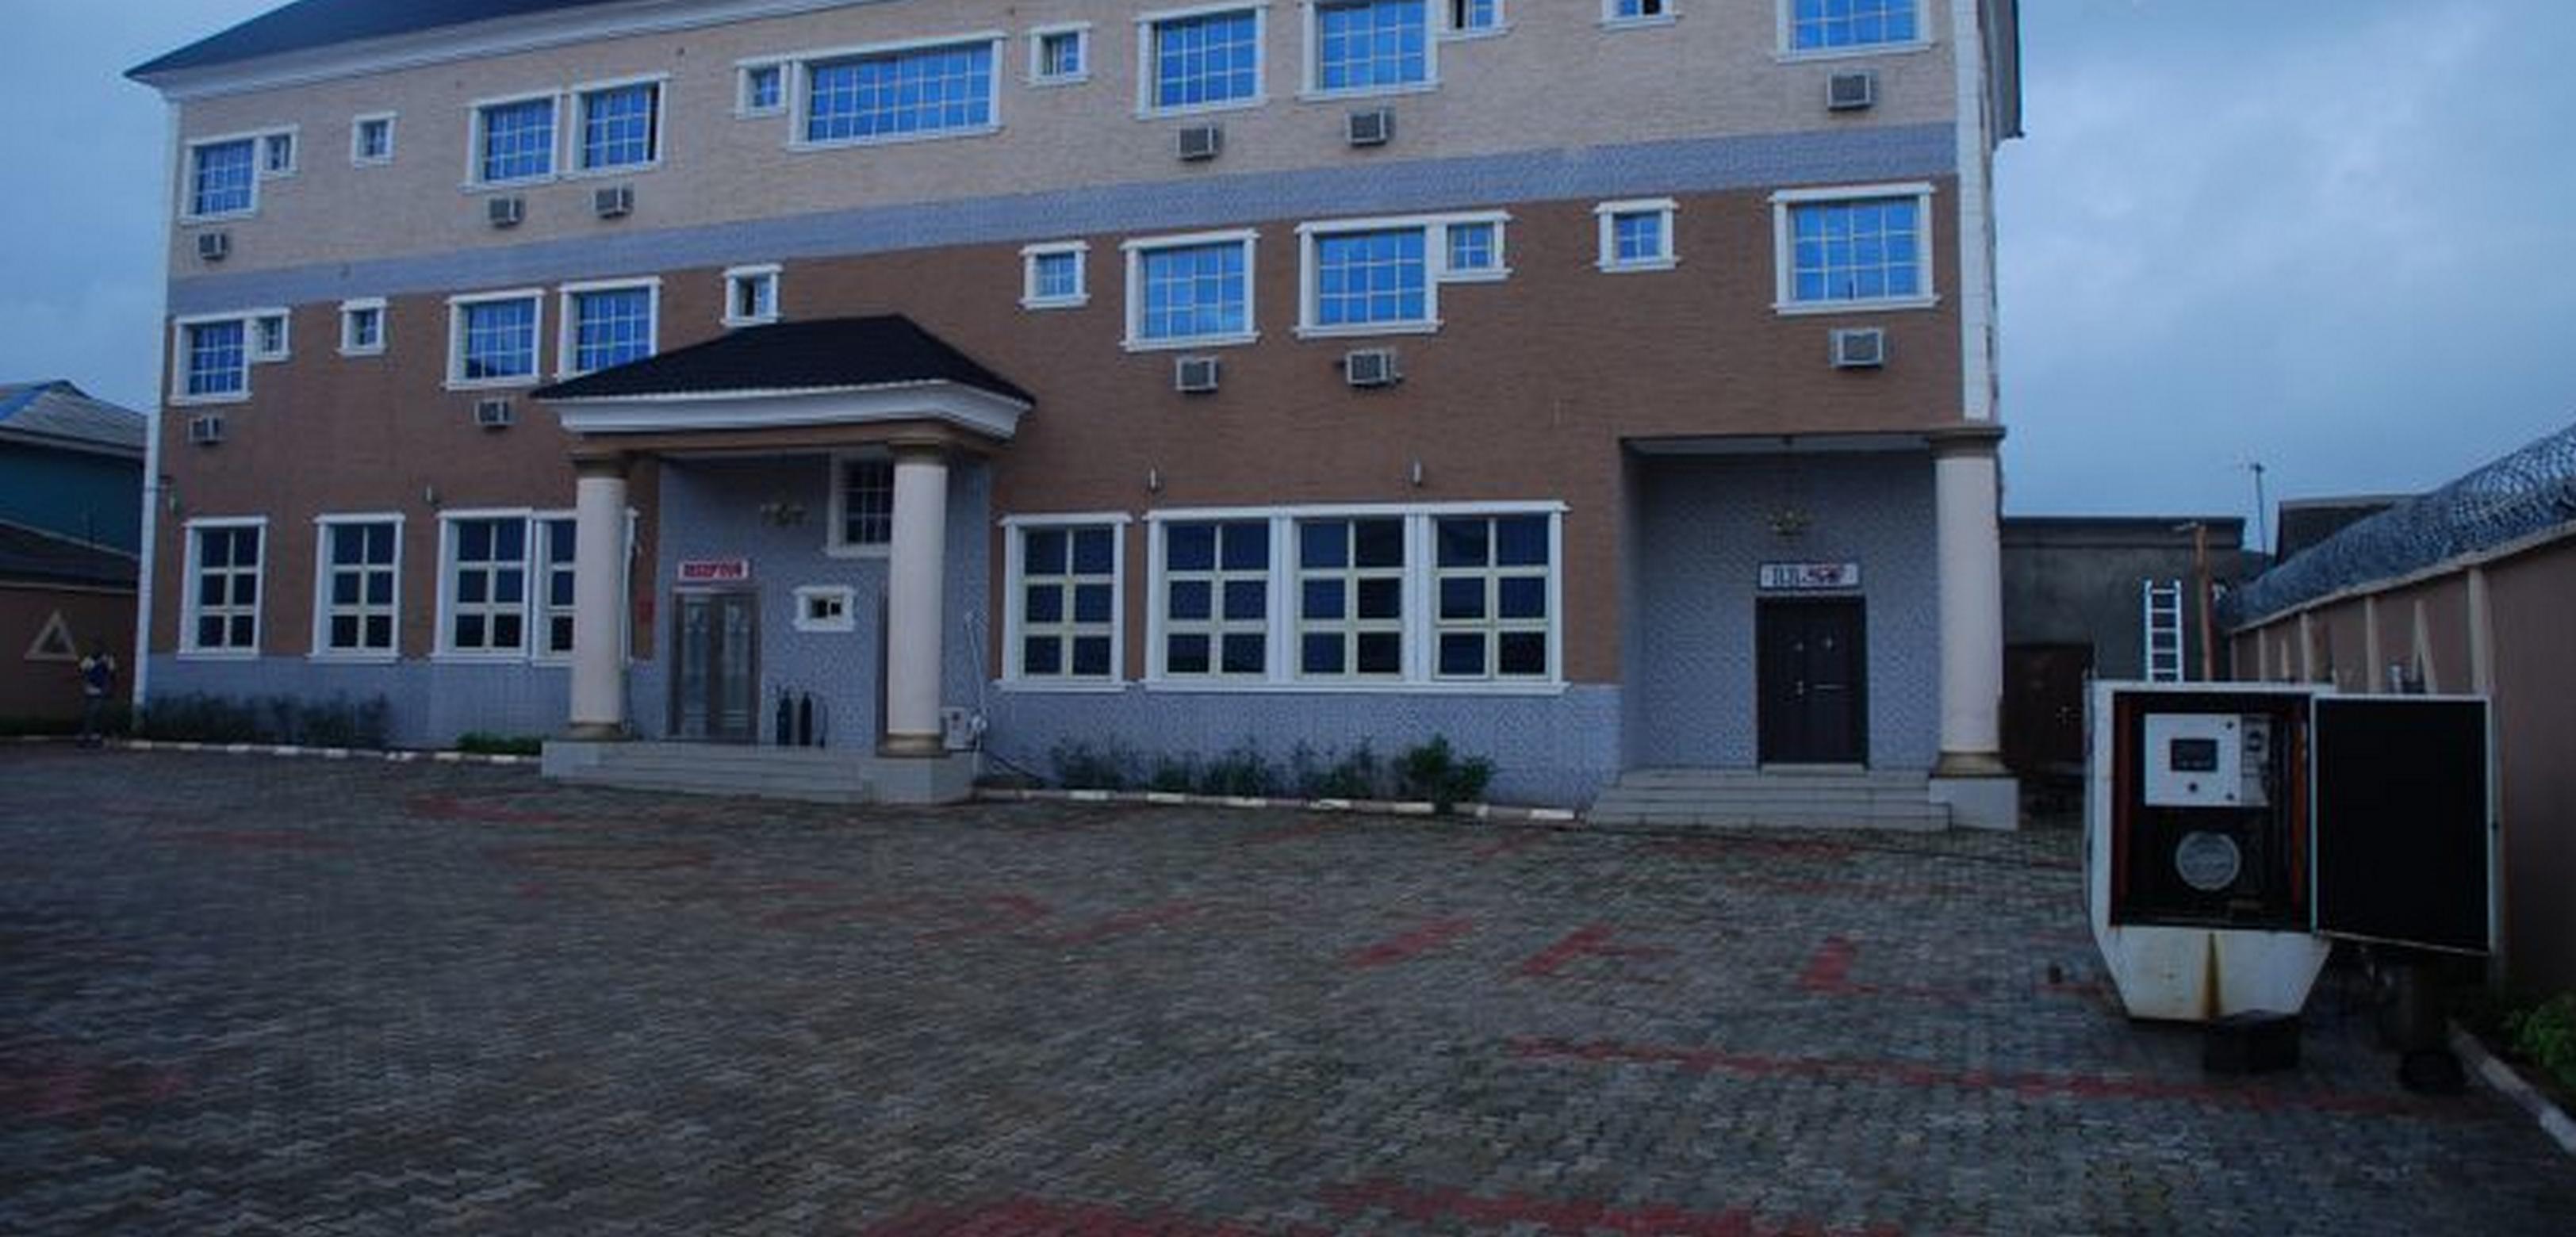 Jaftel Hotel & Suites, Ikorodu